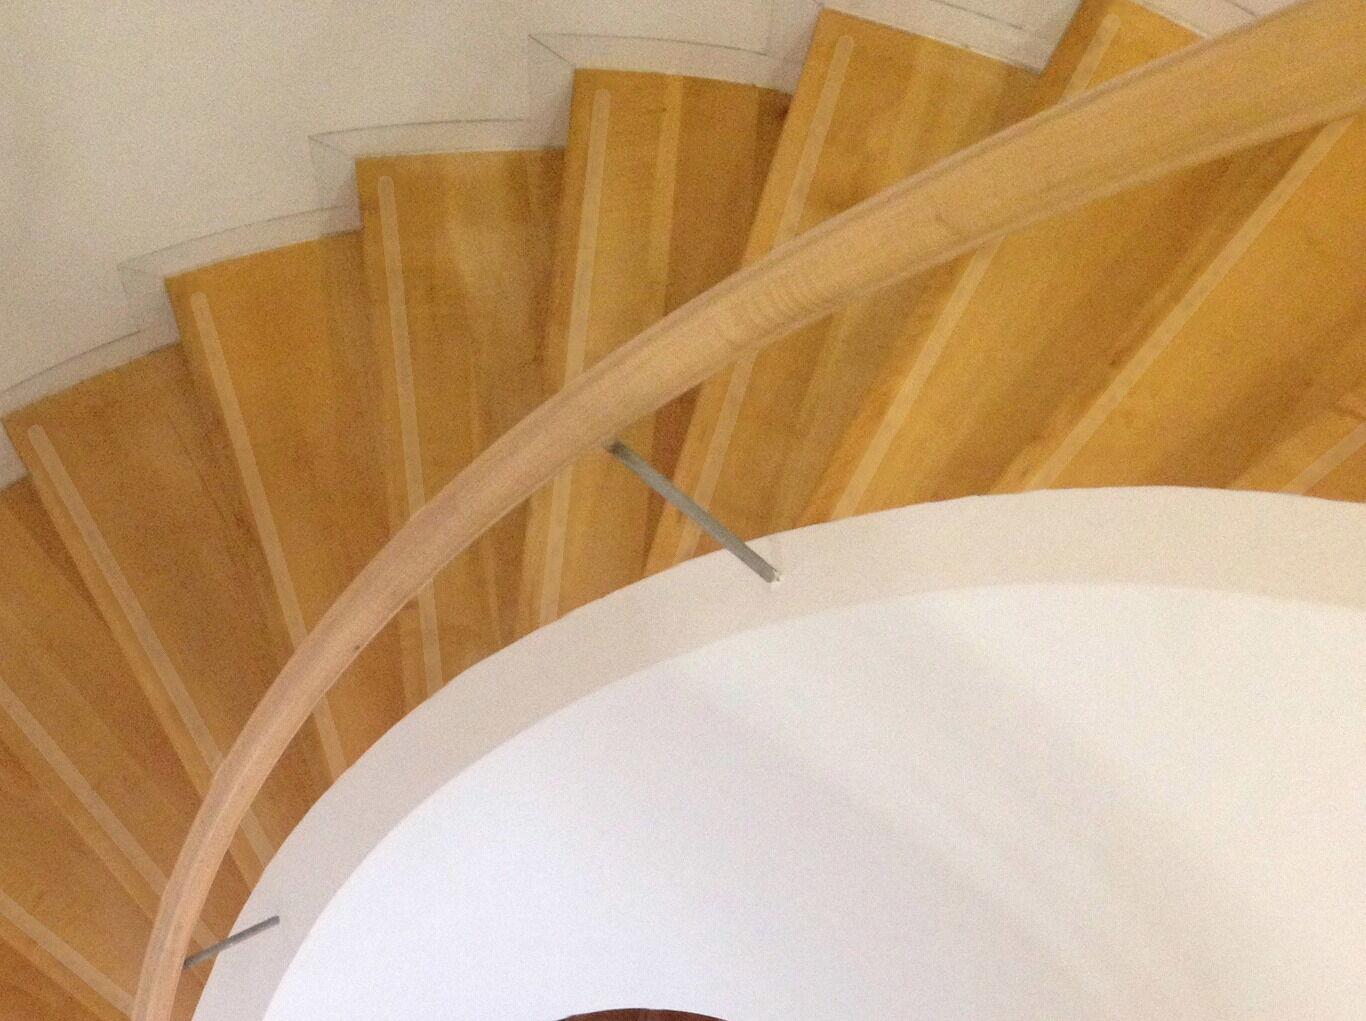 Antirutschstreifen transp. geprägt Treppe rutschschutz Stufenmatten  Rutschstopp